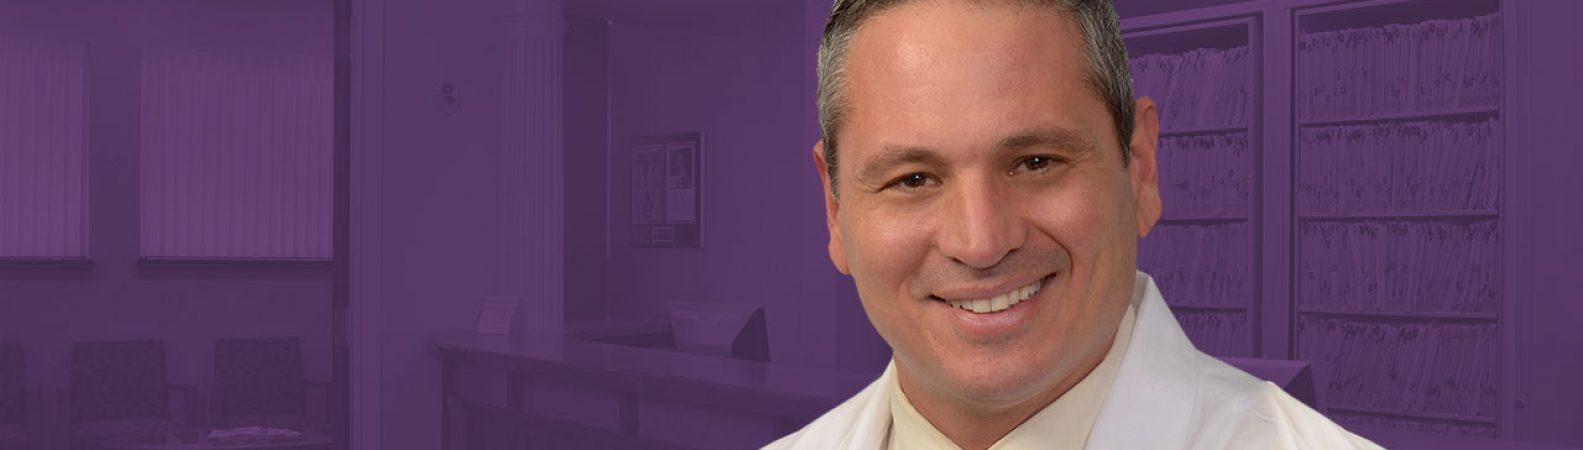 Phillip J. DeJesus, DDS, MAGD, FICOI – General and Implant Dentist